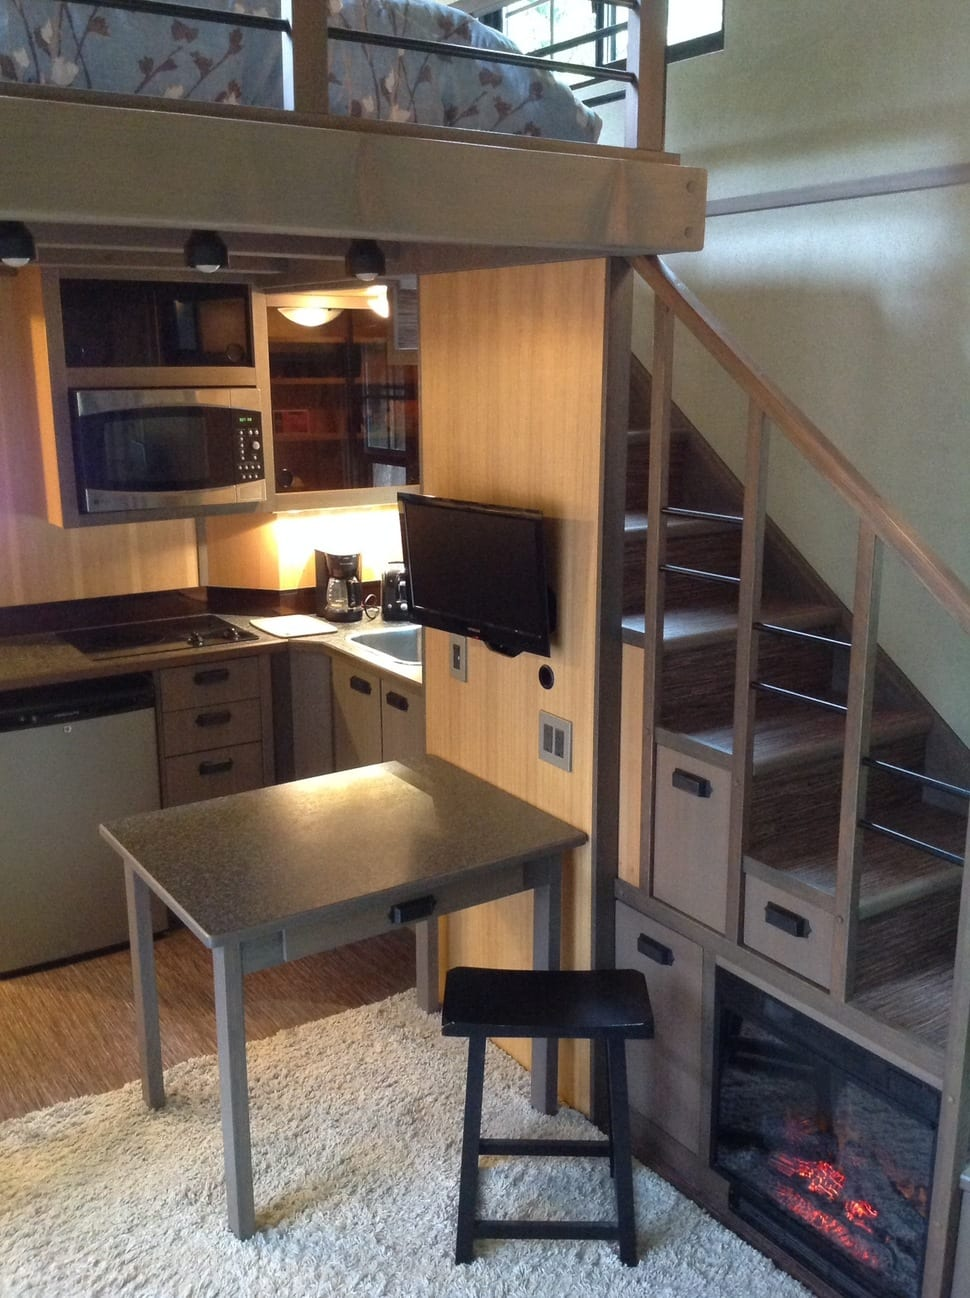 Einraumwohnung Mit Kleiner Küche Und Treppe Zum Schlafbereich Holztreppe  Mit Eingebauten Schubladen